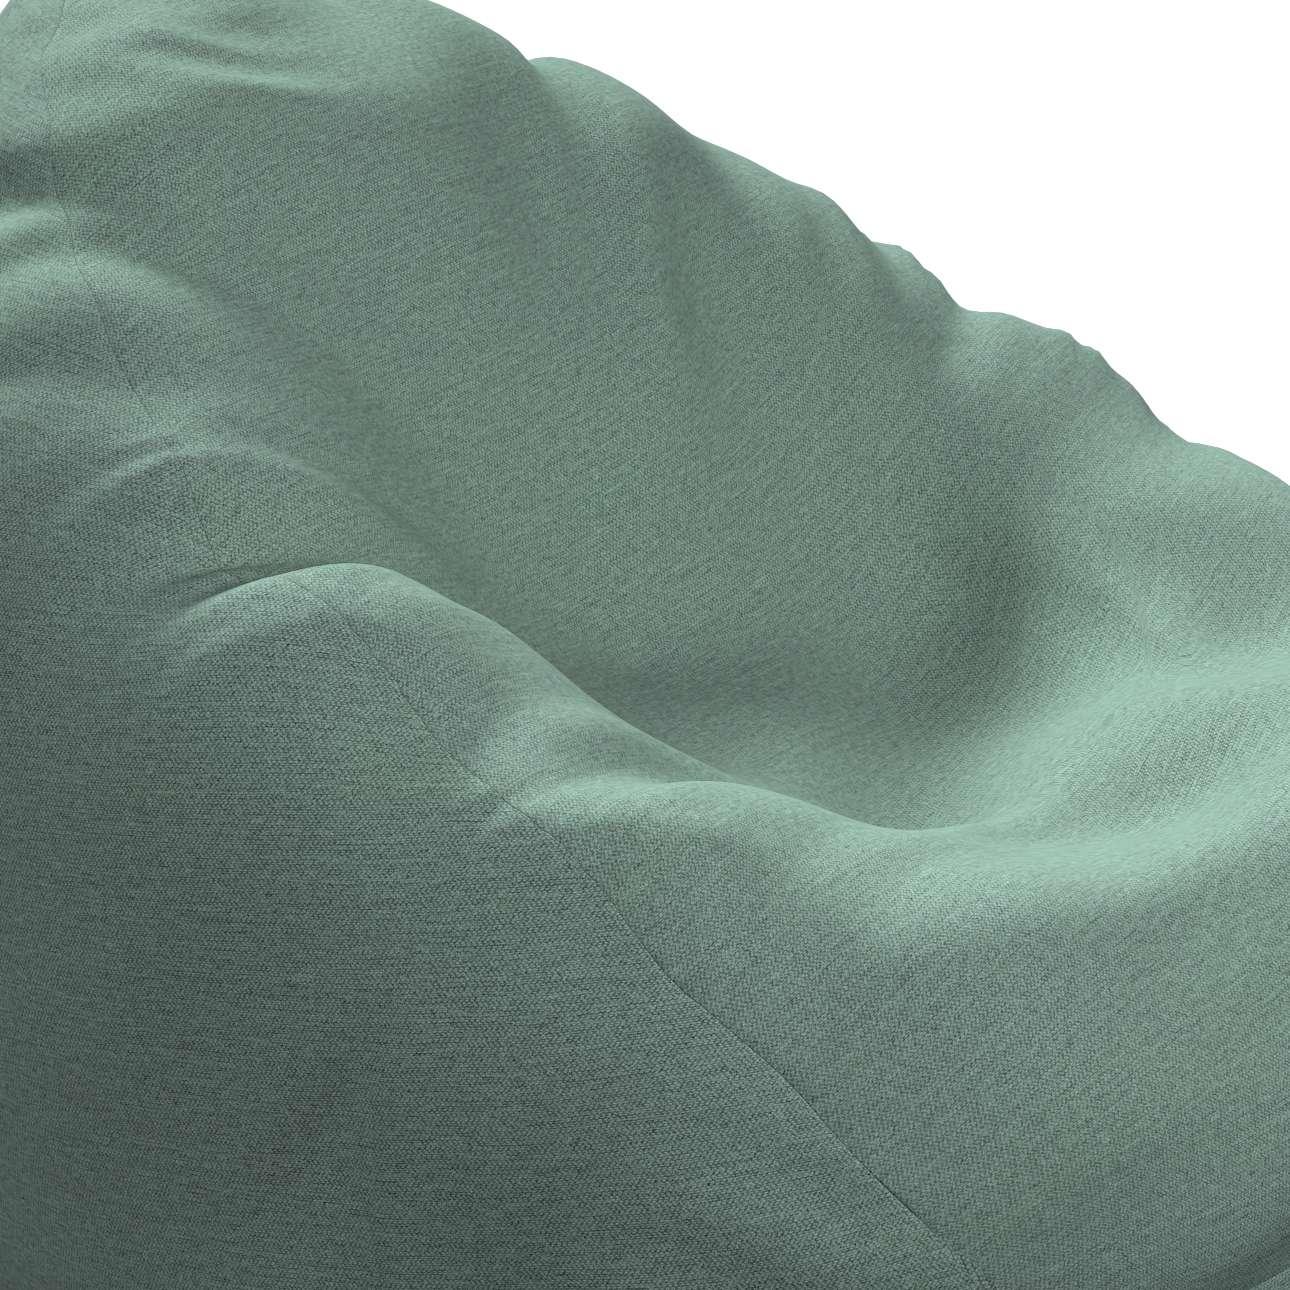 Pokrowiec na worek do siedzenia w kolekcji Madrid, tkanina: 161-89